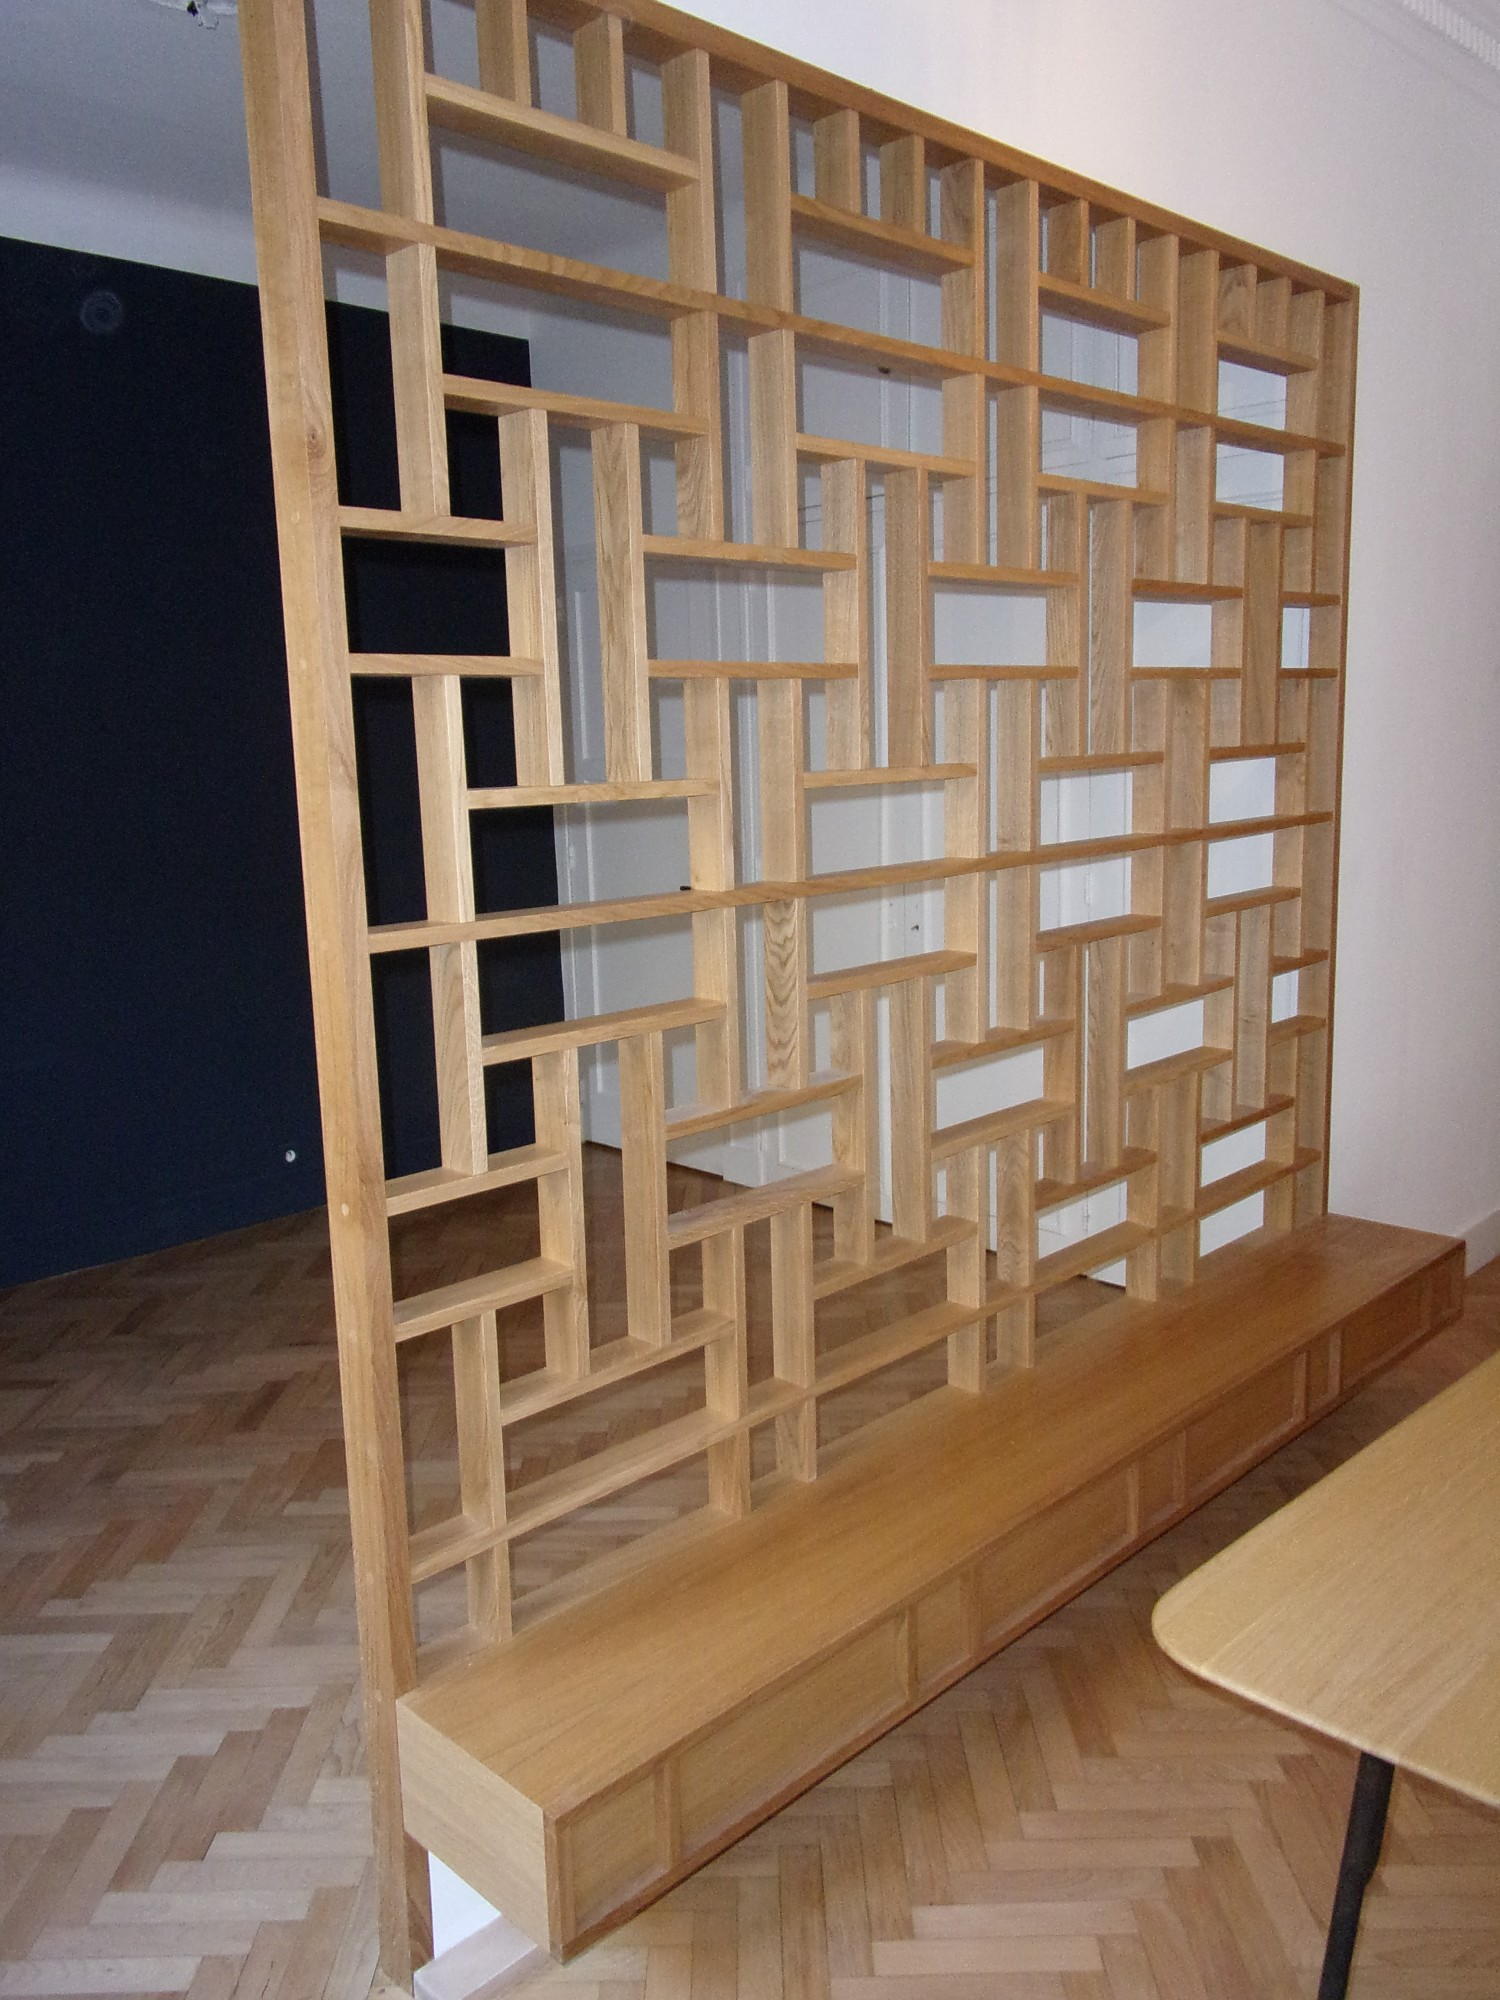 Fabriquer Un Claustra Bois fabrication d'une cloison bibliothèque façon claustra, en